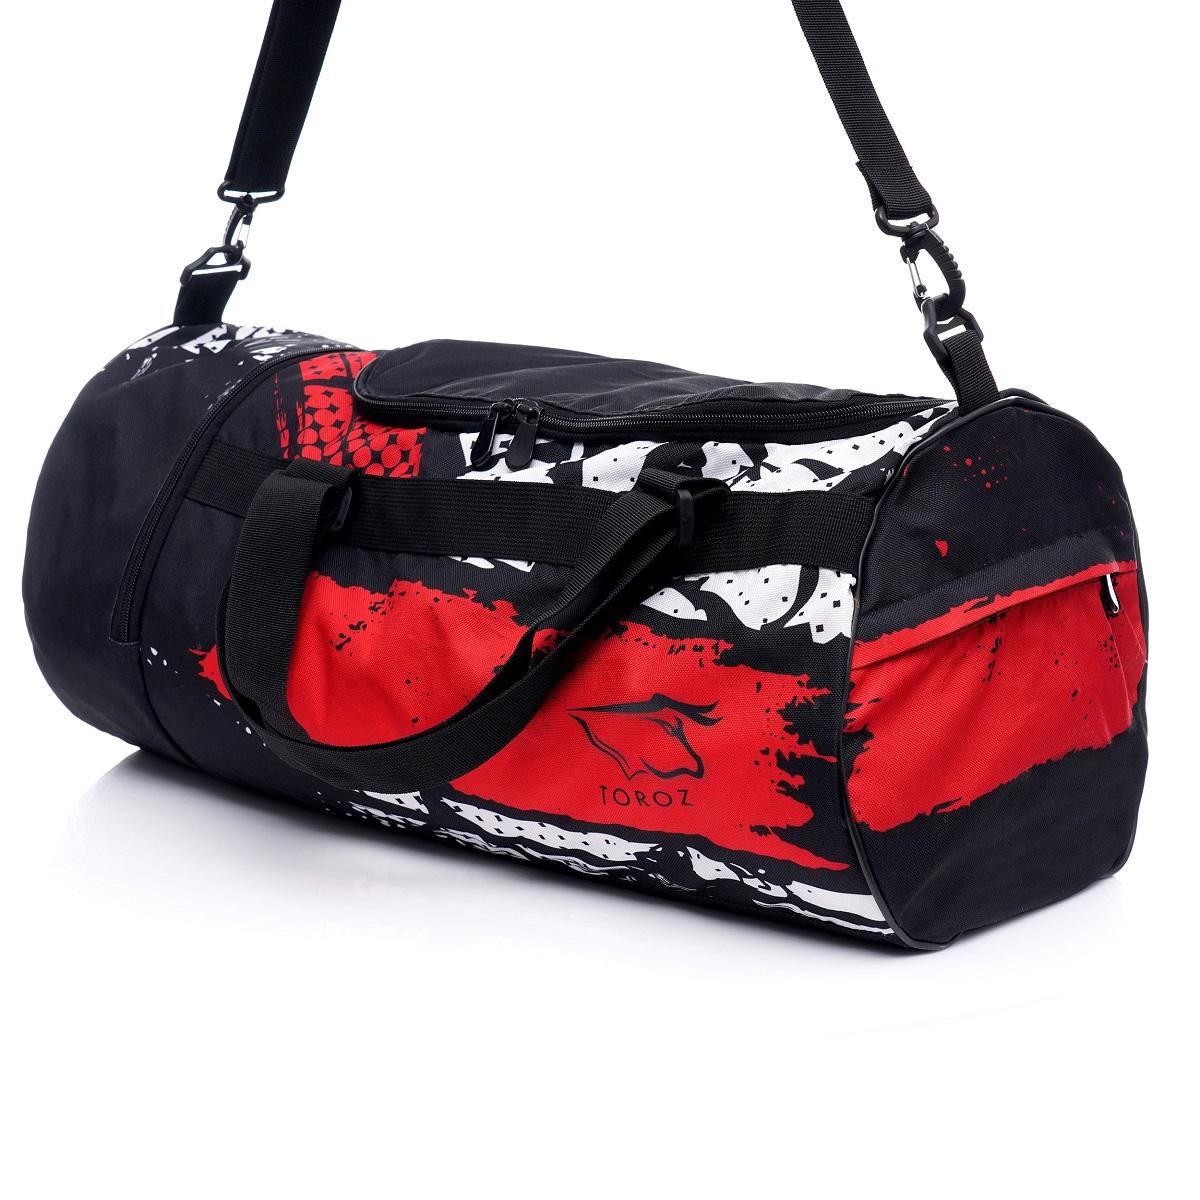 torozninja.com bag